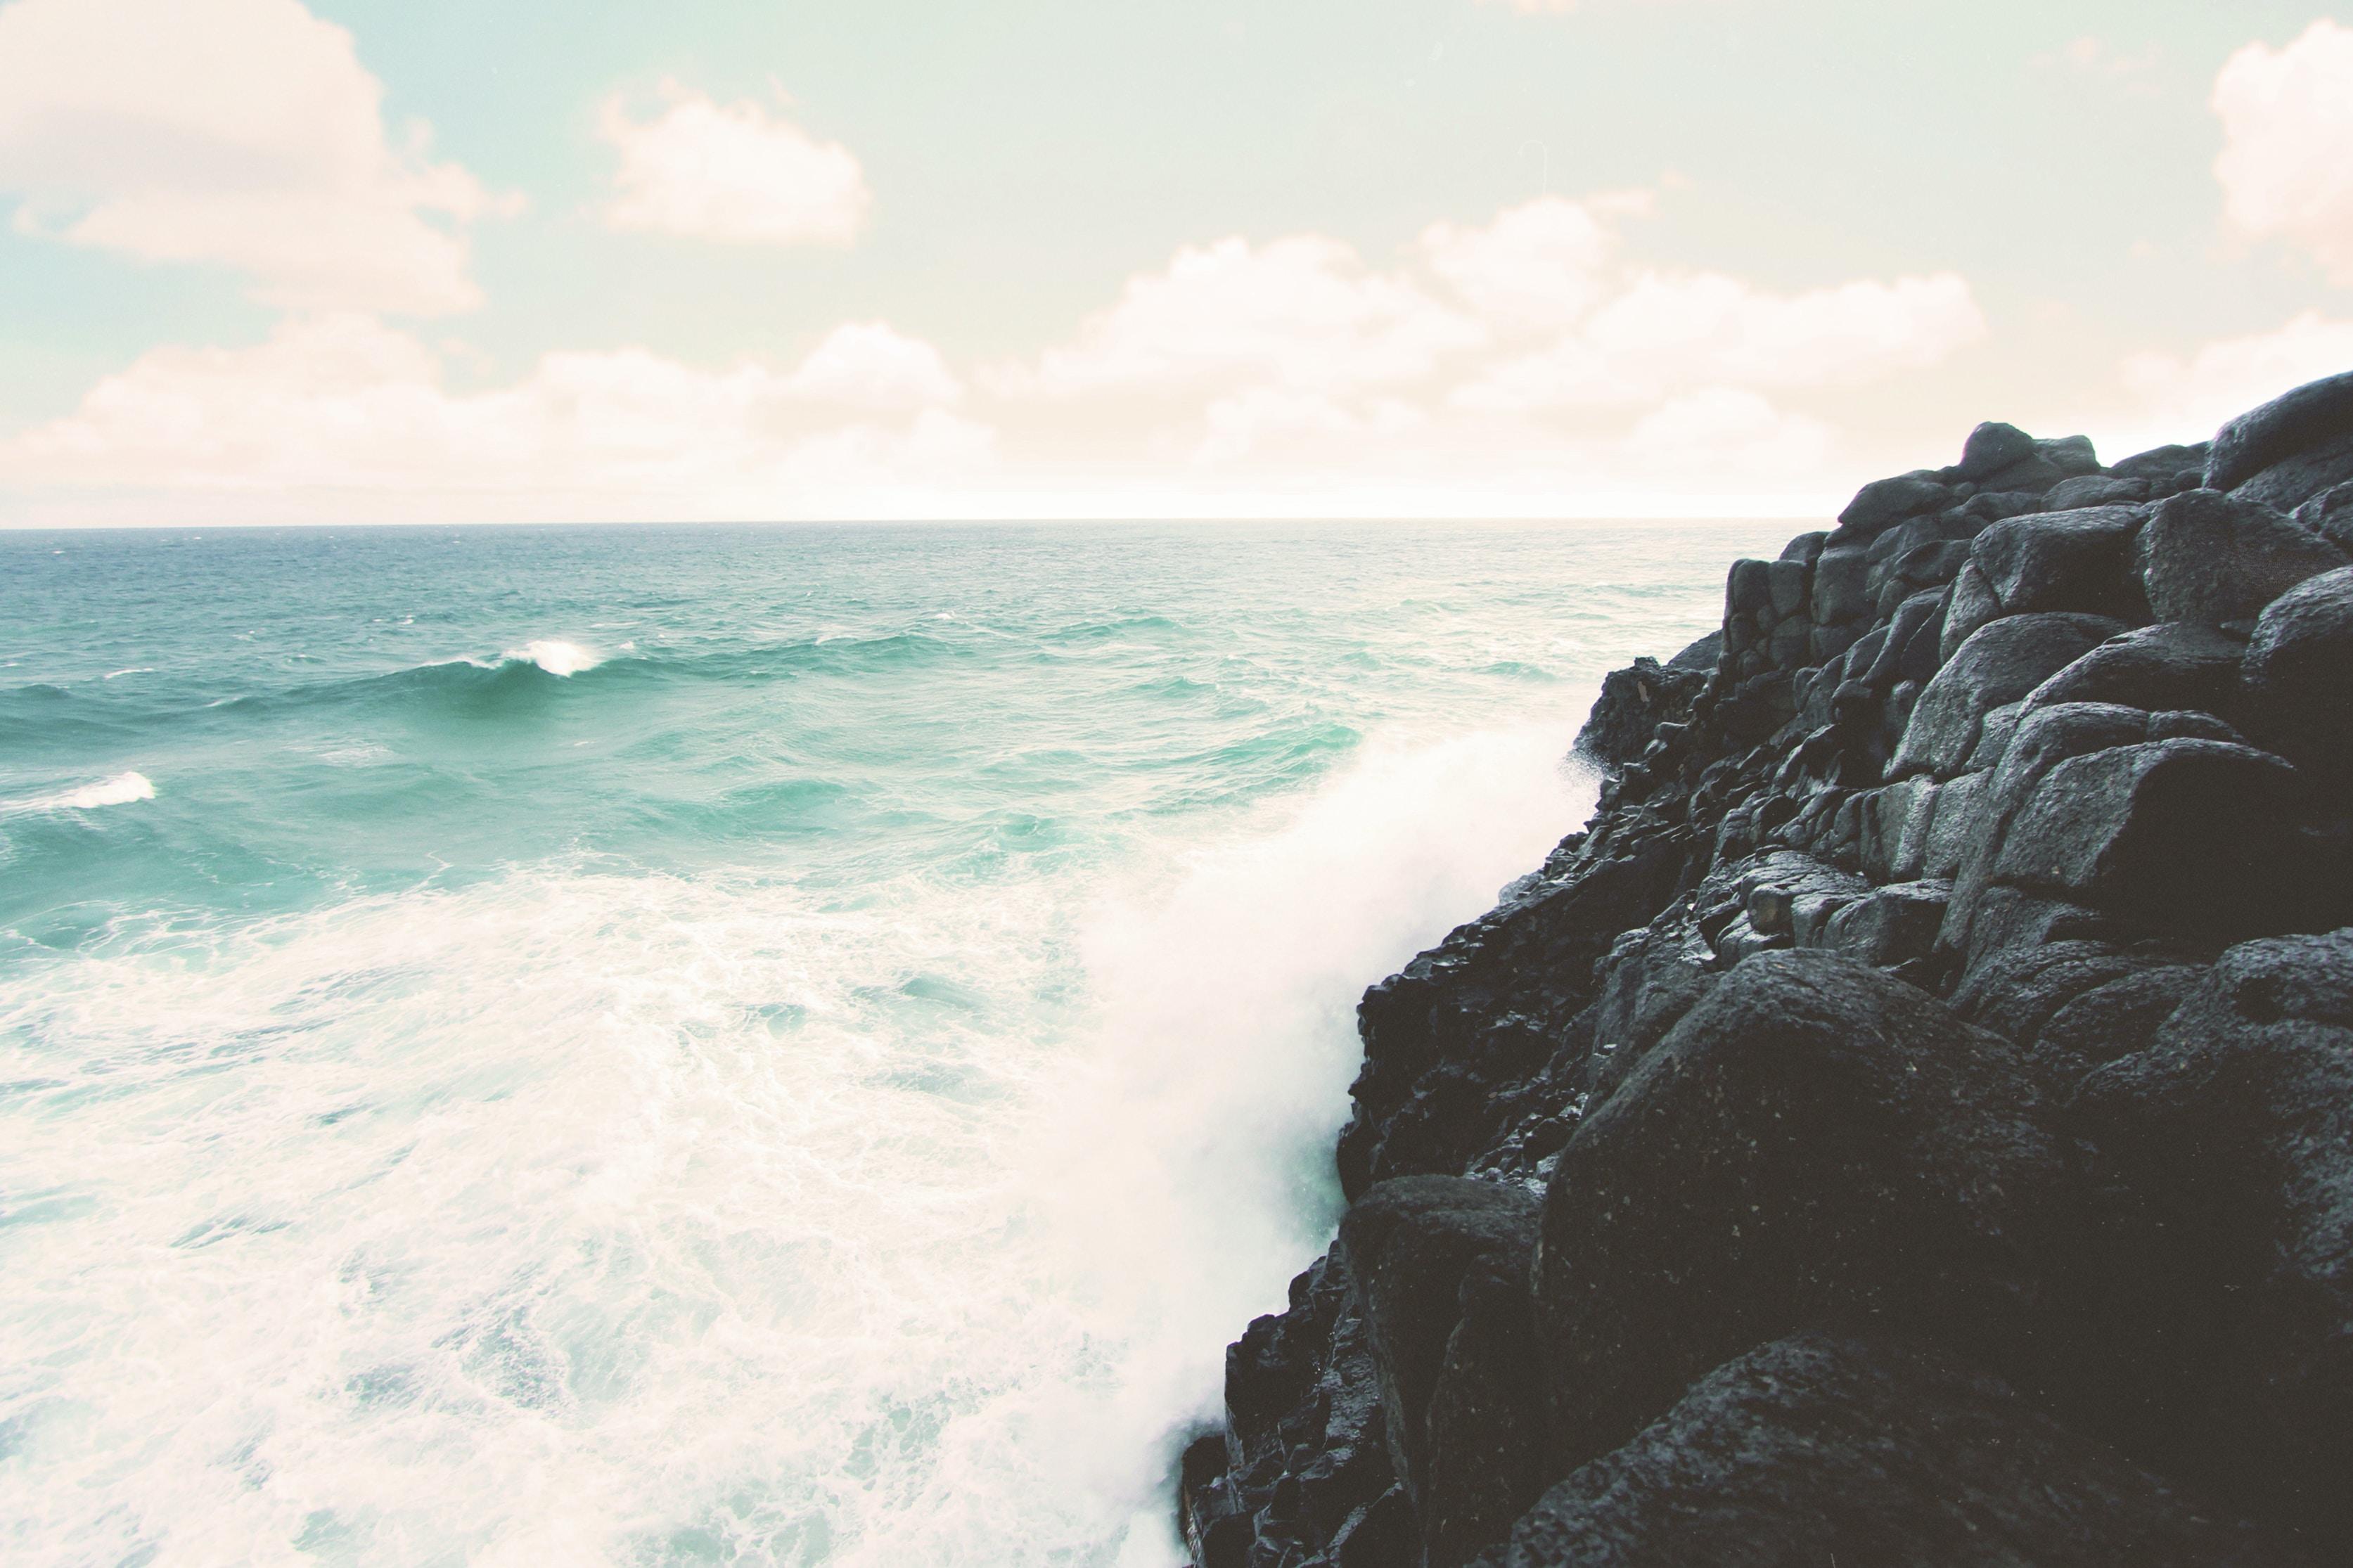 rocky cliff beside the ocean